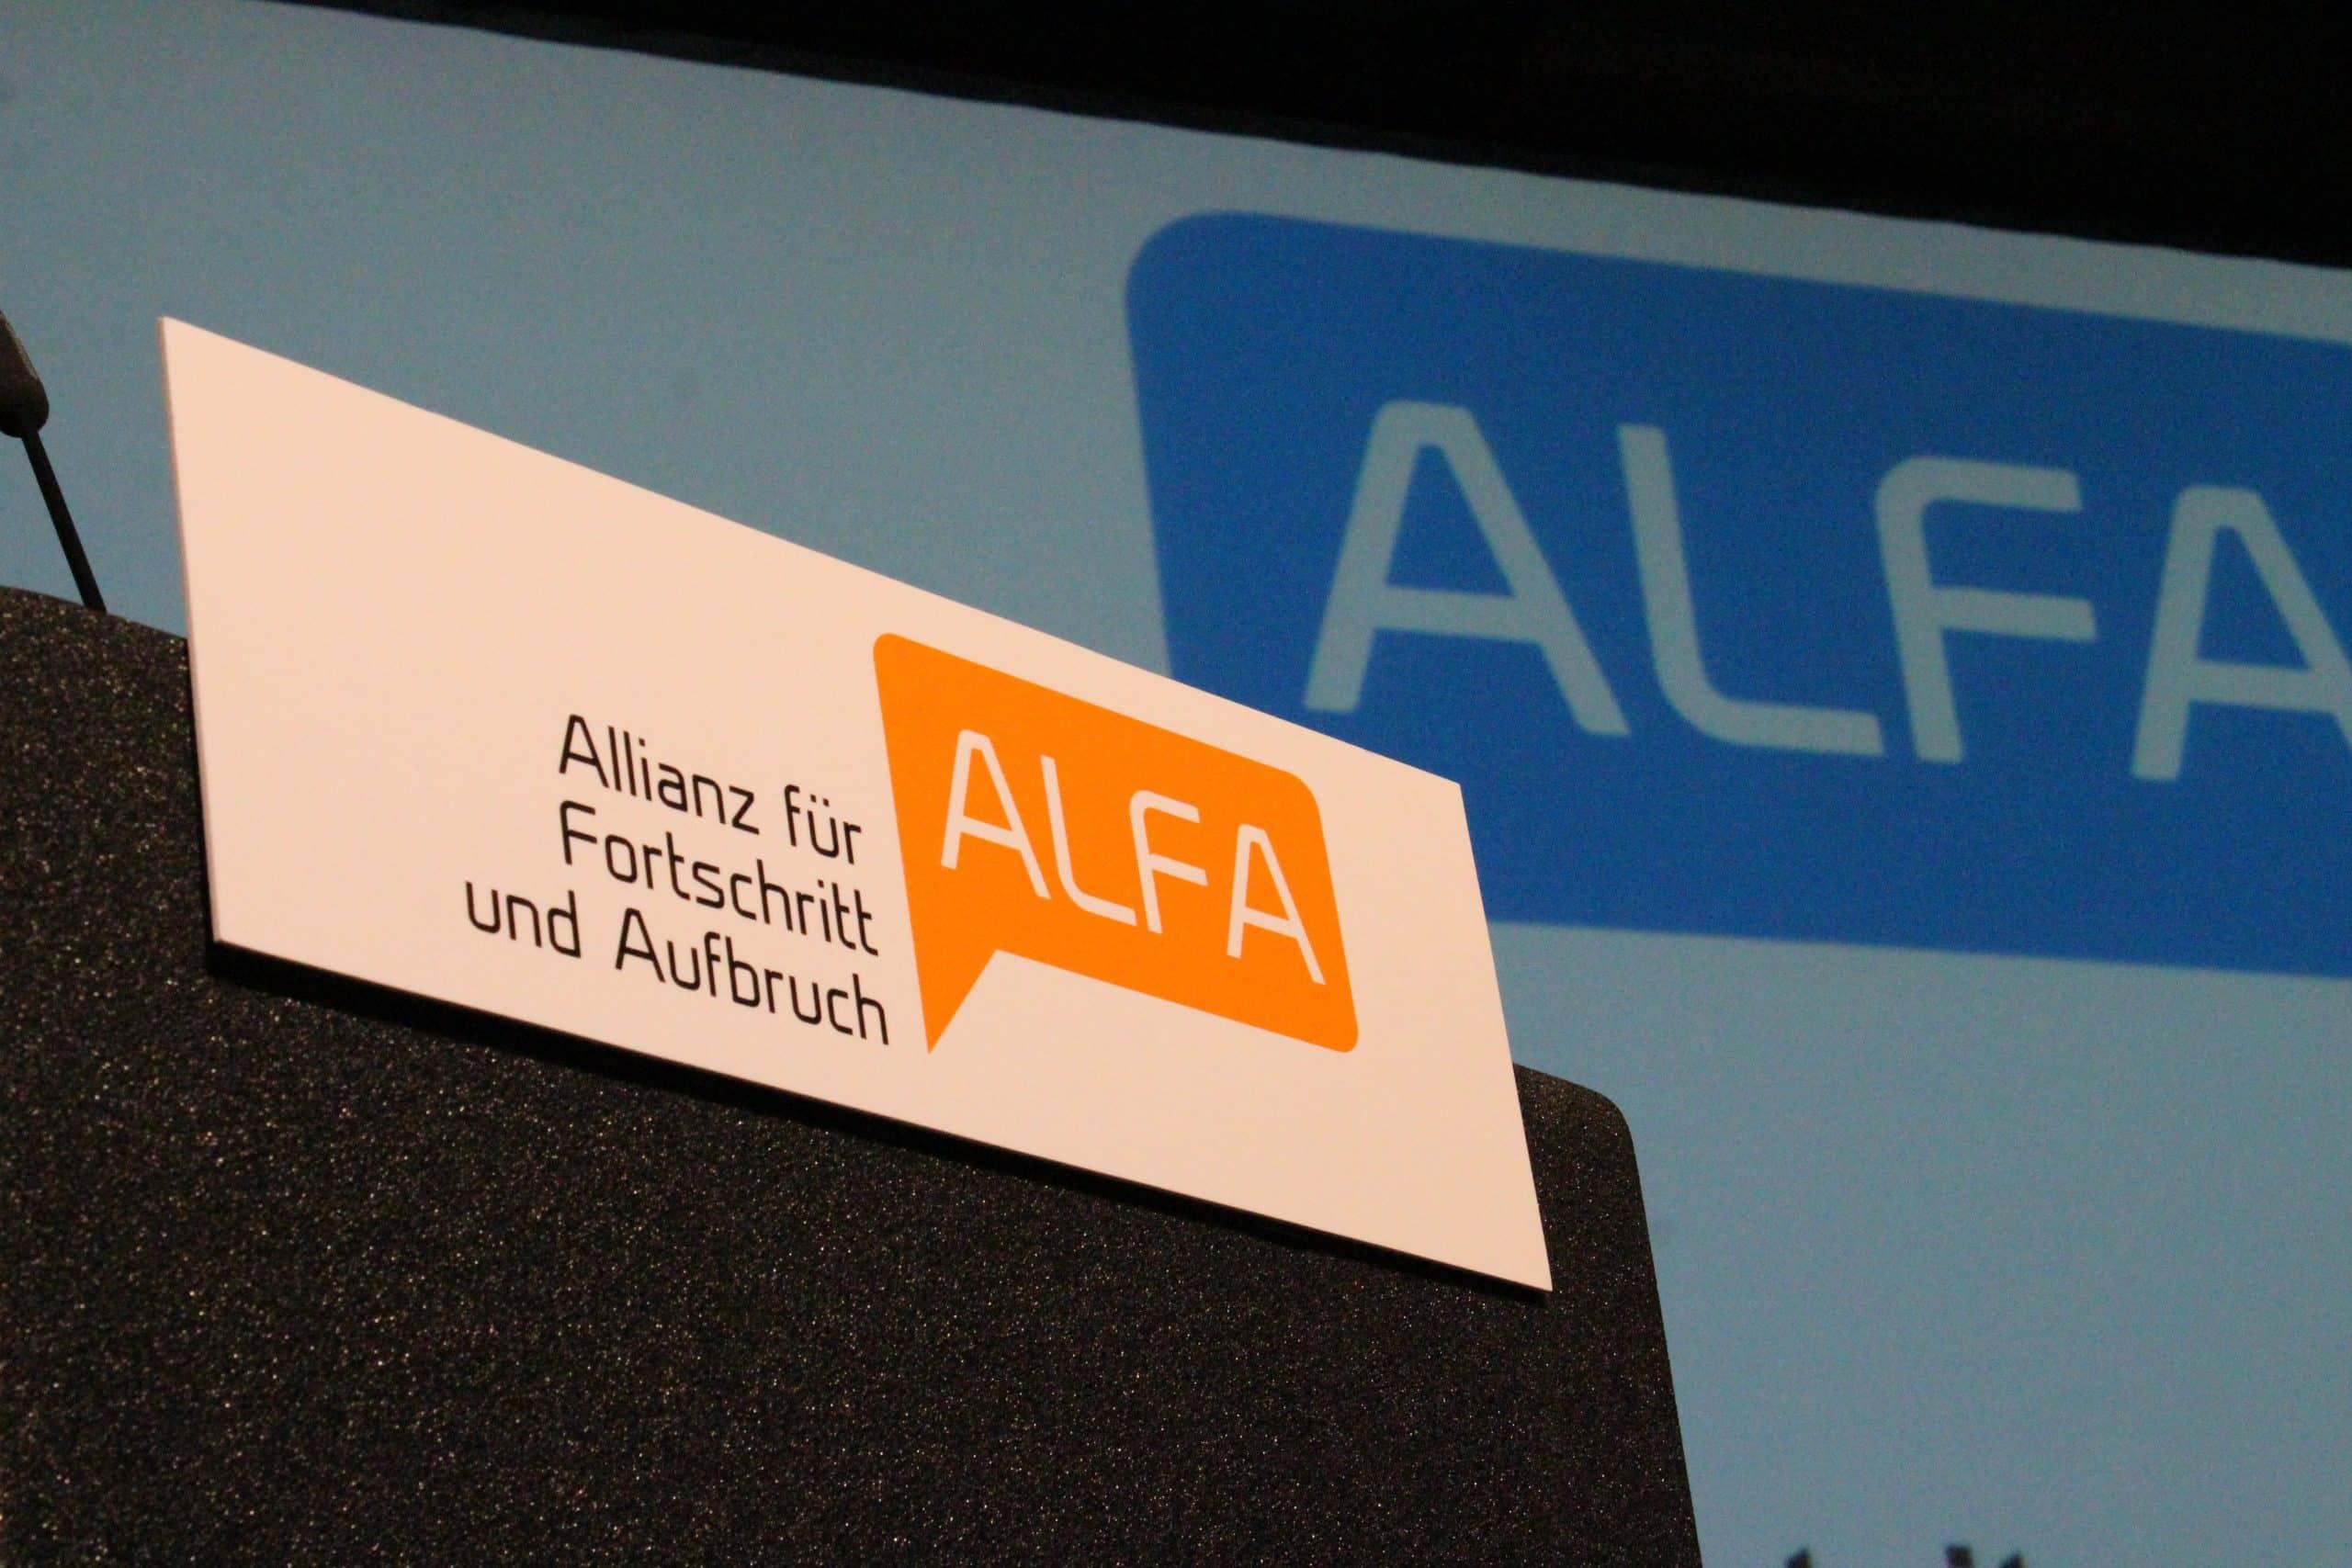 ALFA Klausurtagung brachte die politischen Schwerpunkte auf den Punkt. Foto: Sven Oliver Rüsche (SOR)